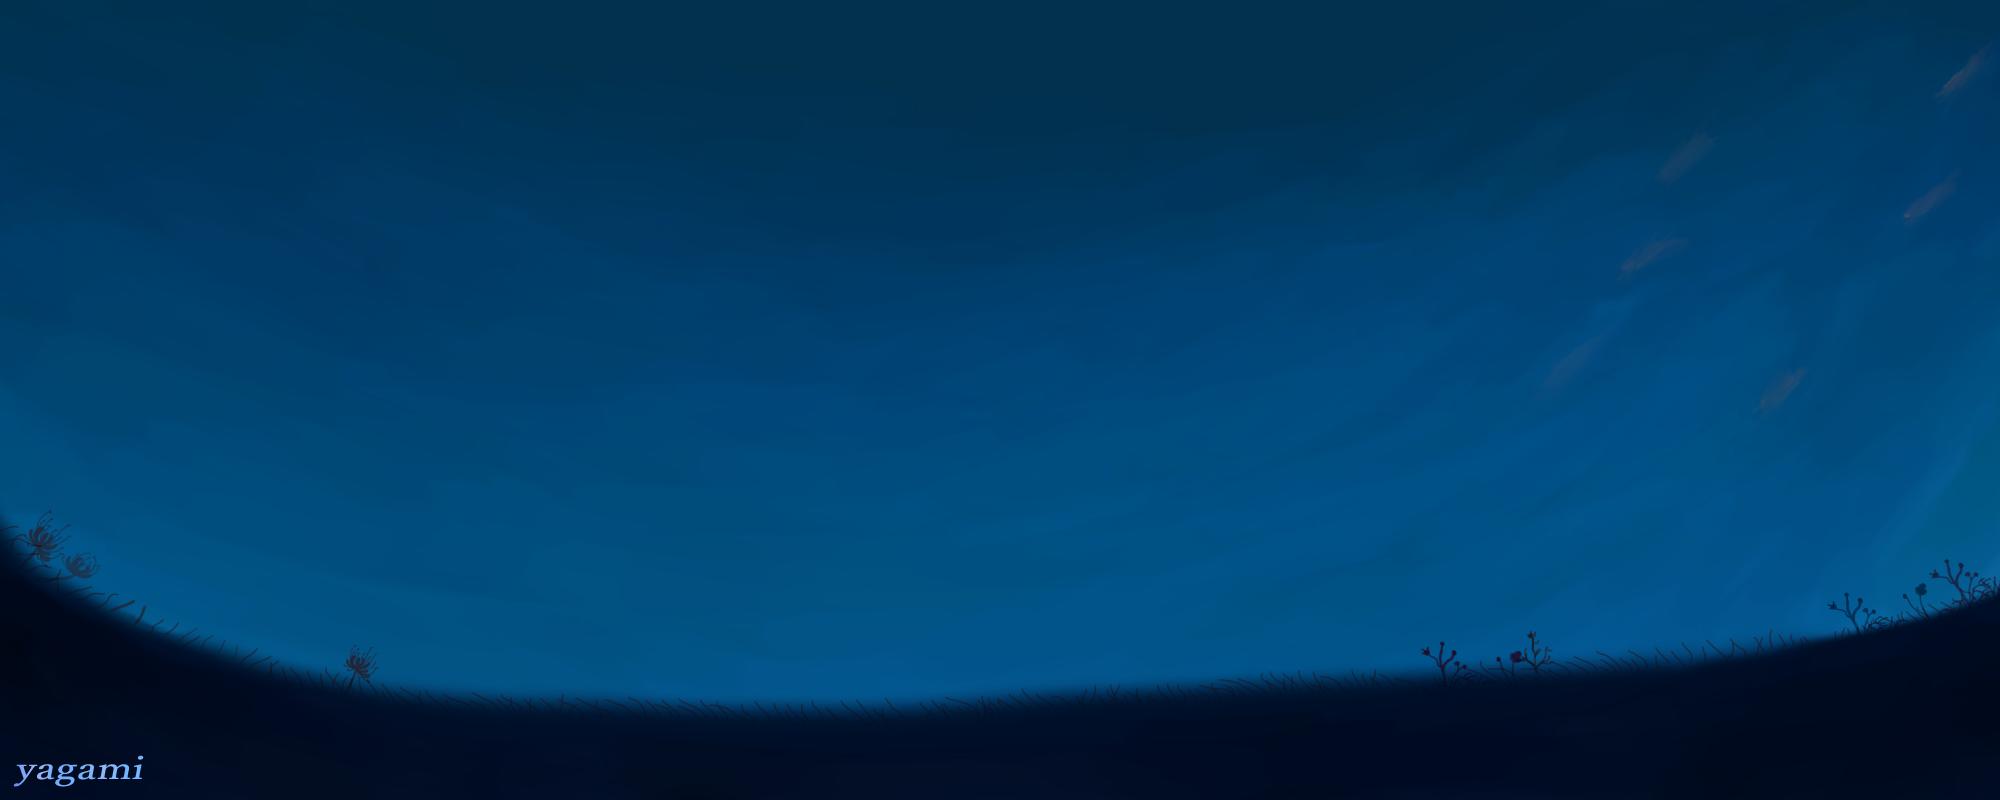 夕暮れ Illust of 八神 奏 Post_Multiple_Images_Contest original blue star background sky sunset clouds